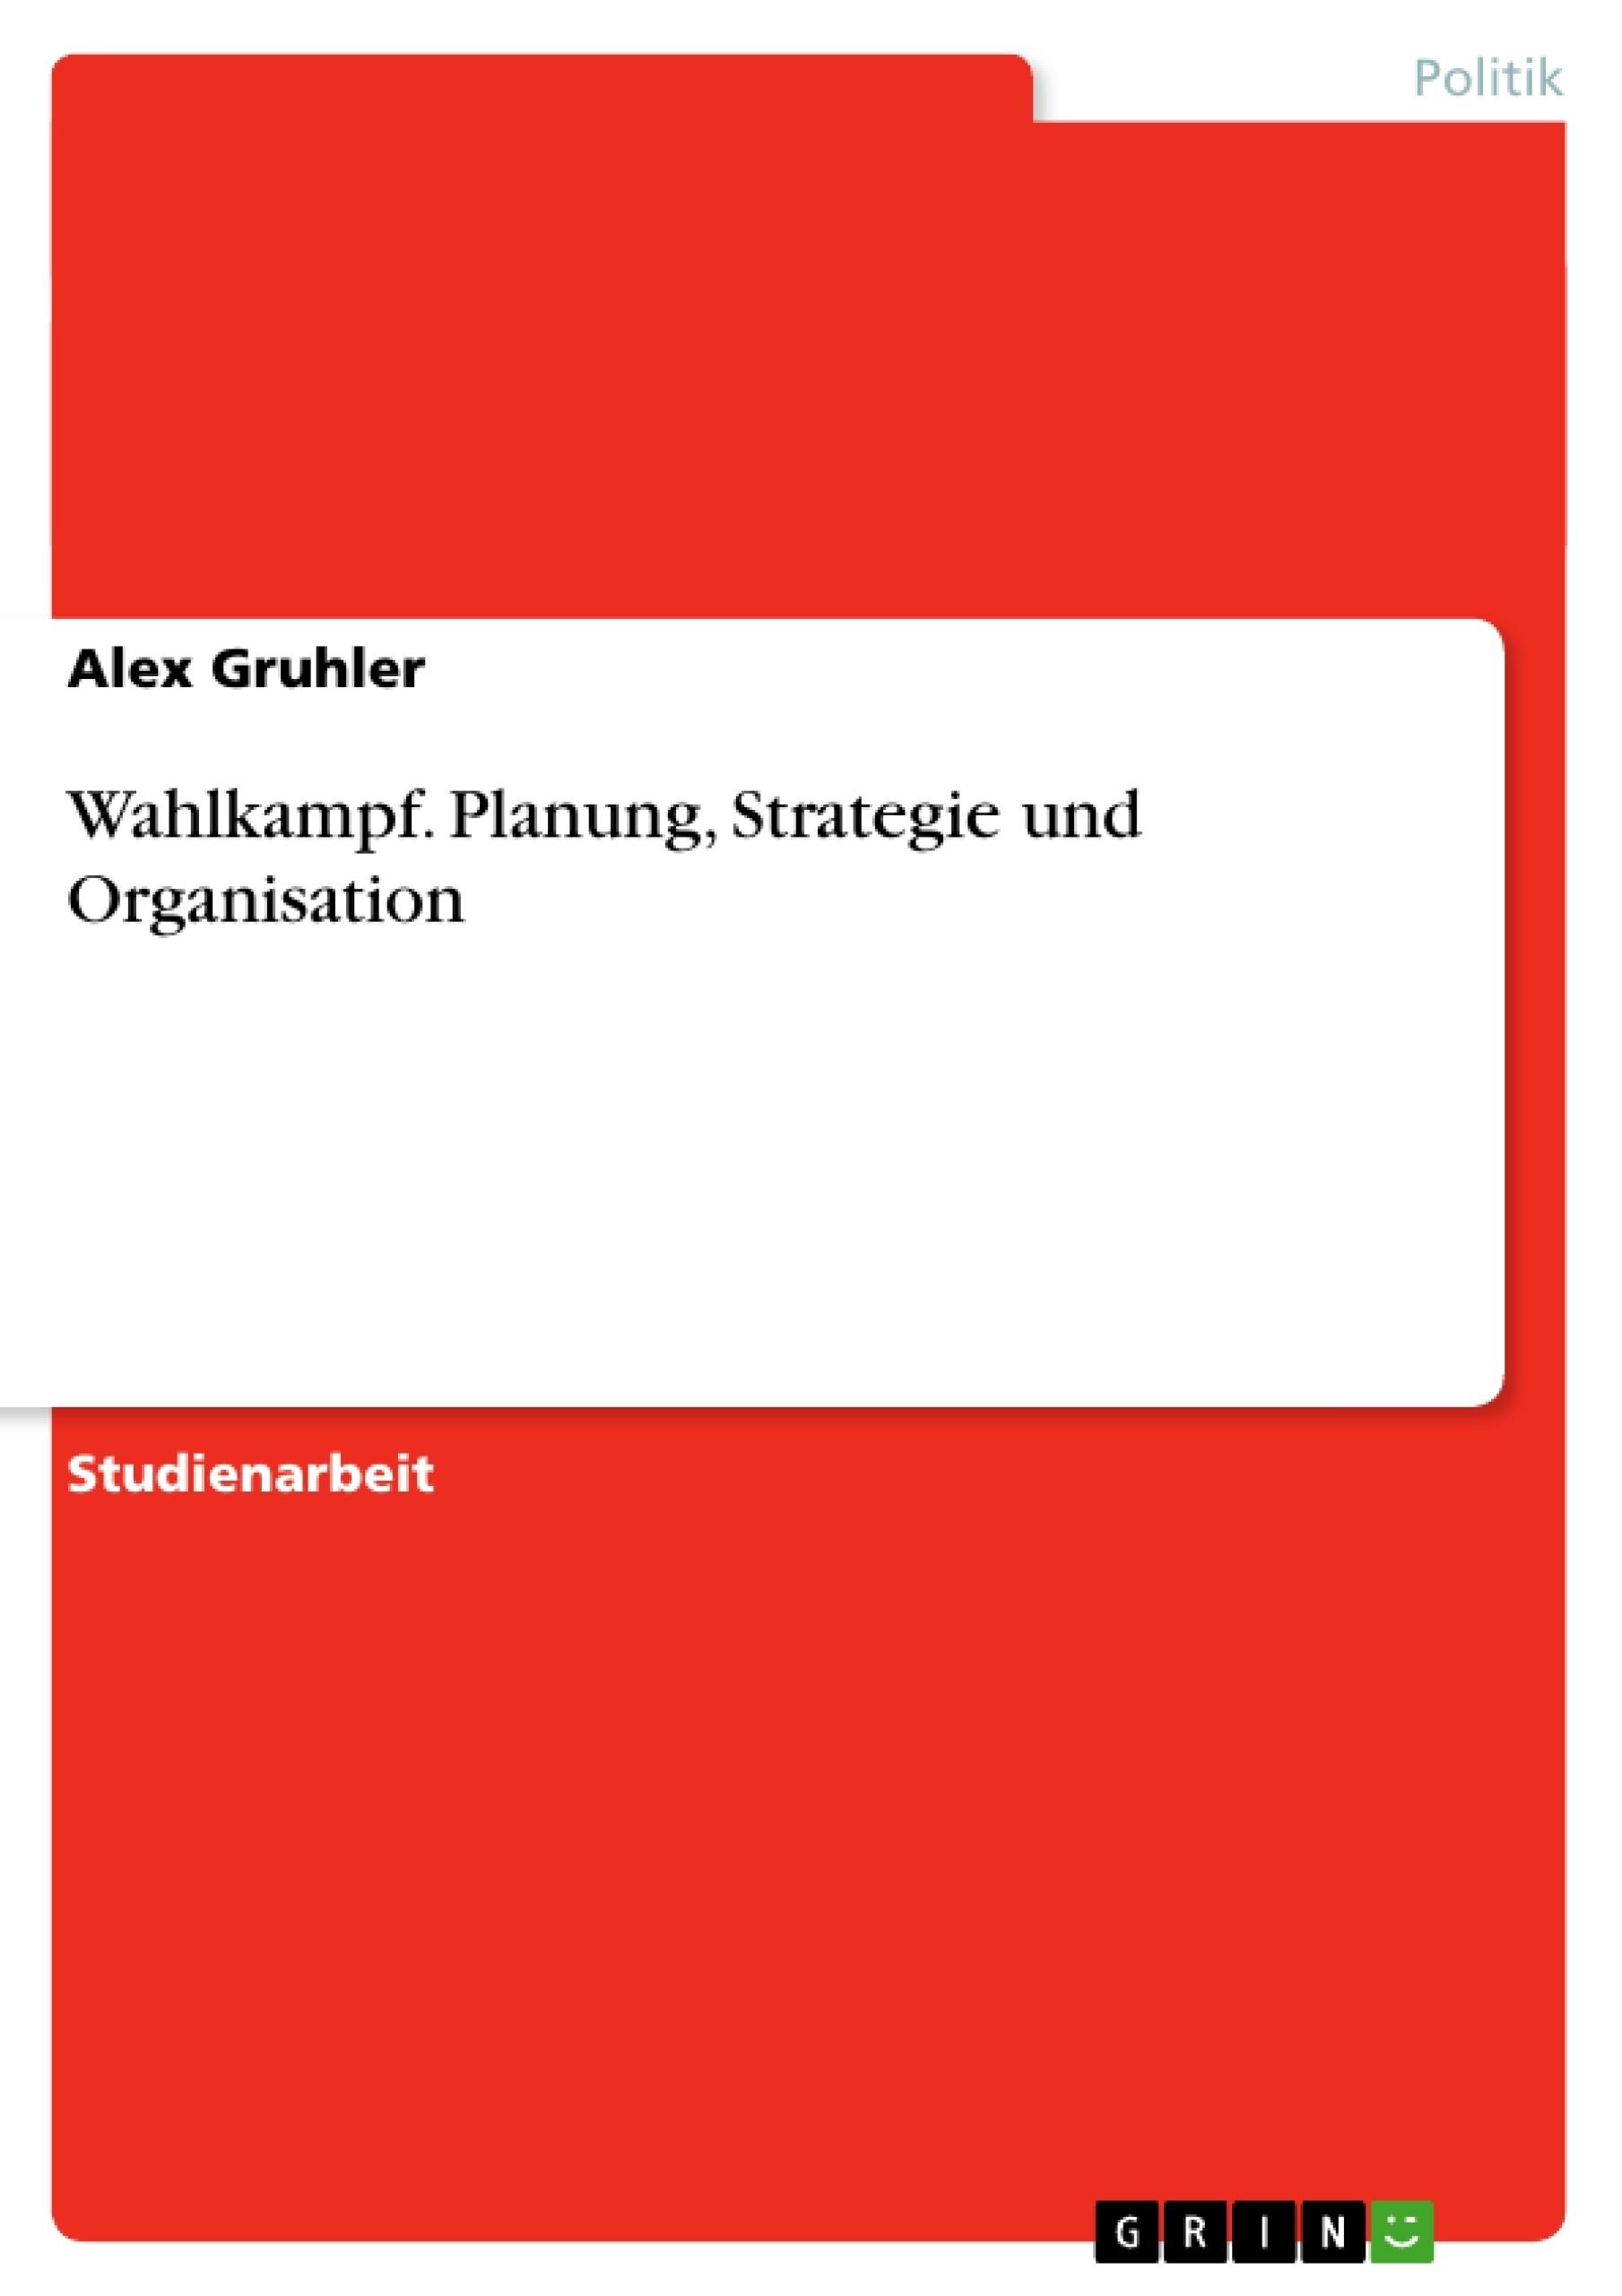 Titel: Wahlkampf. Planung, Strategie und Organisation